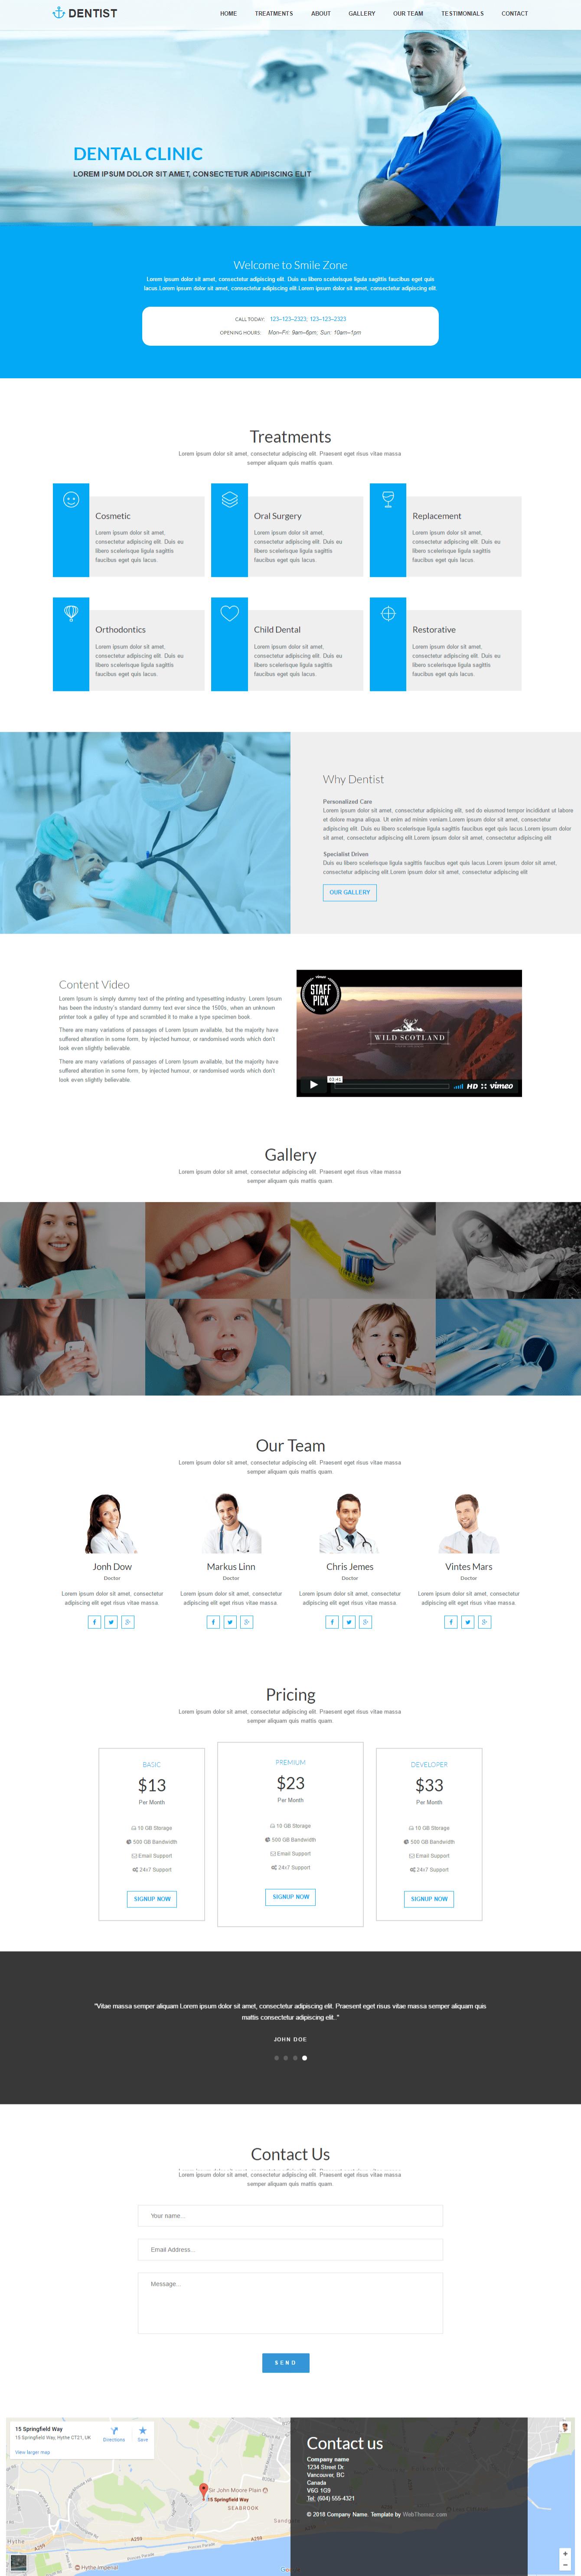 Best Dental Clinic HTML Website Template